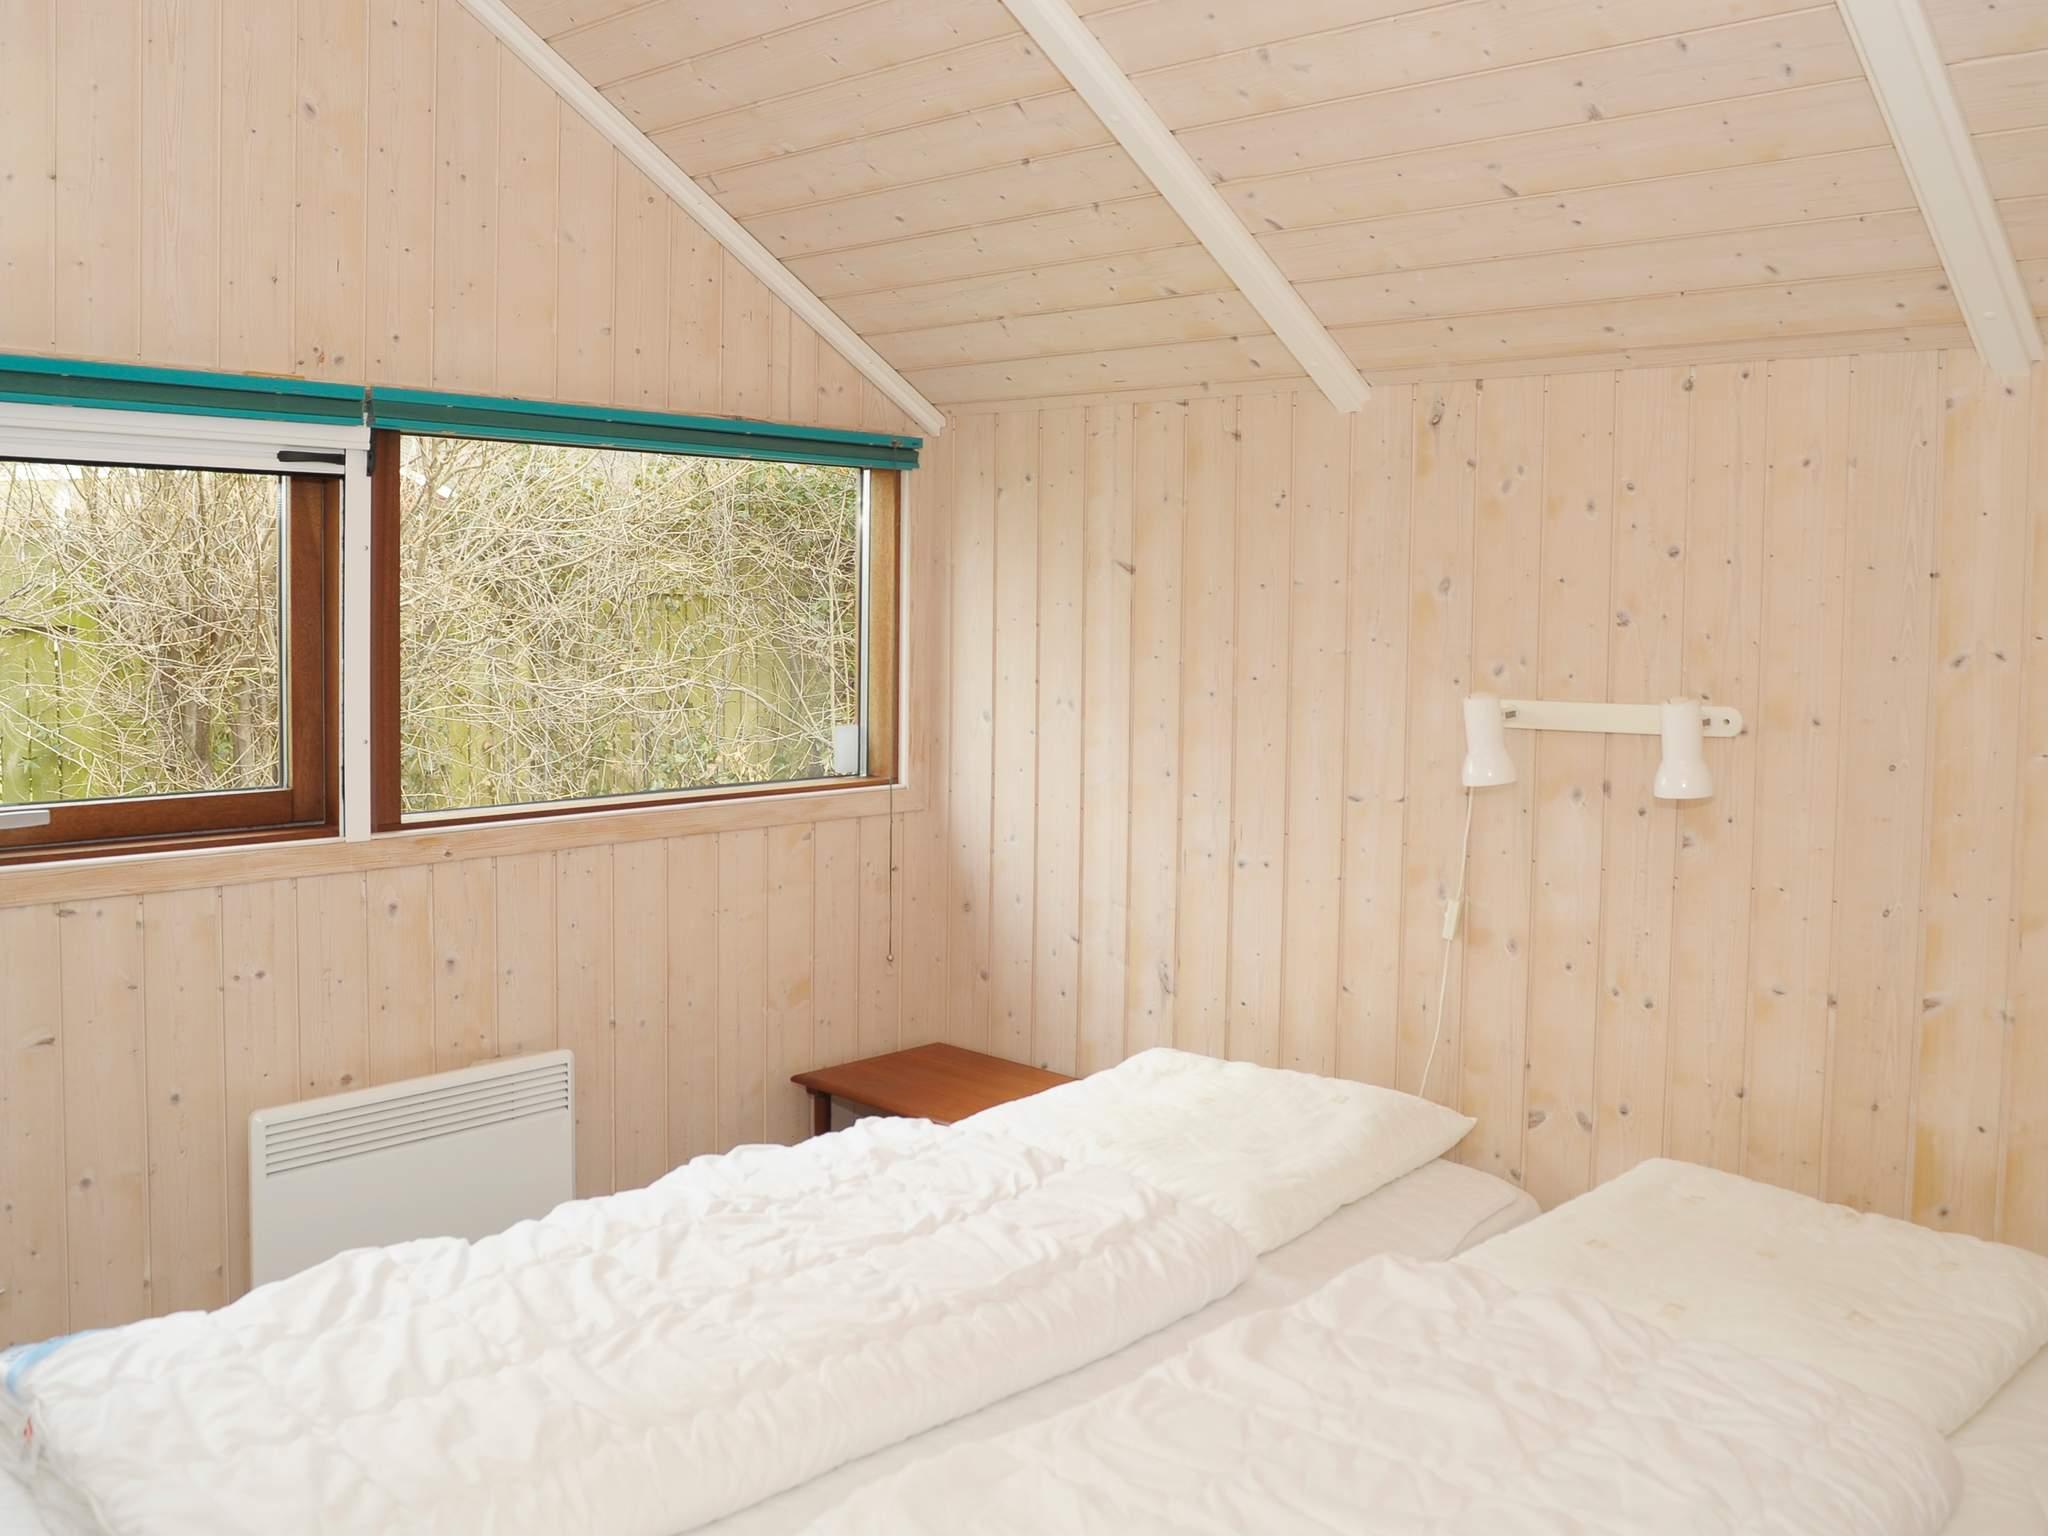 Ferienhaus Vemmingbund (82622), Broager, , Südostjütland, Dänemark, Bild 8